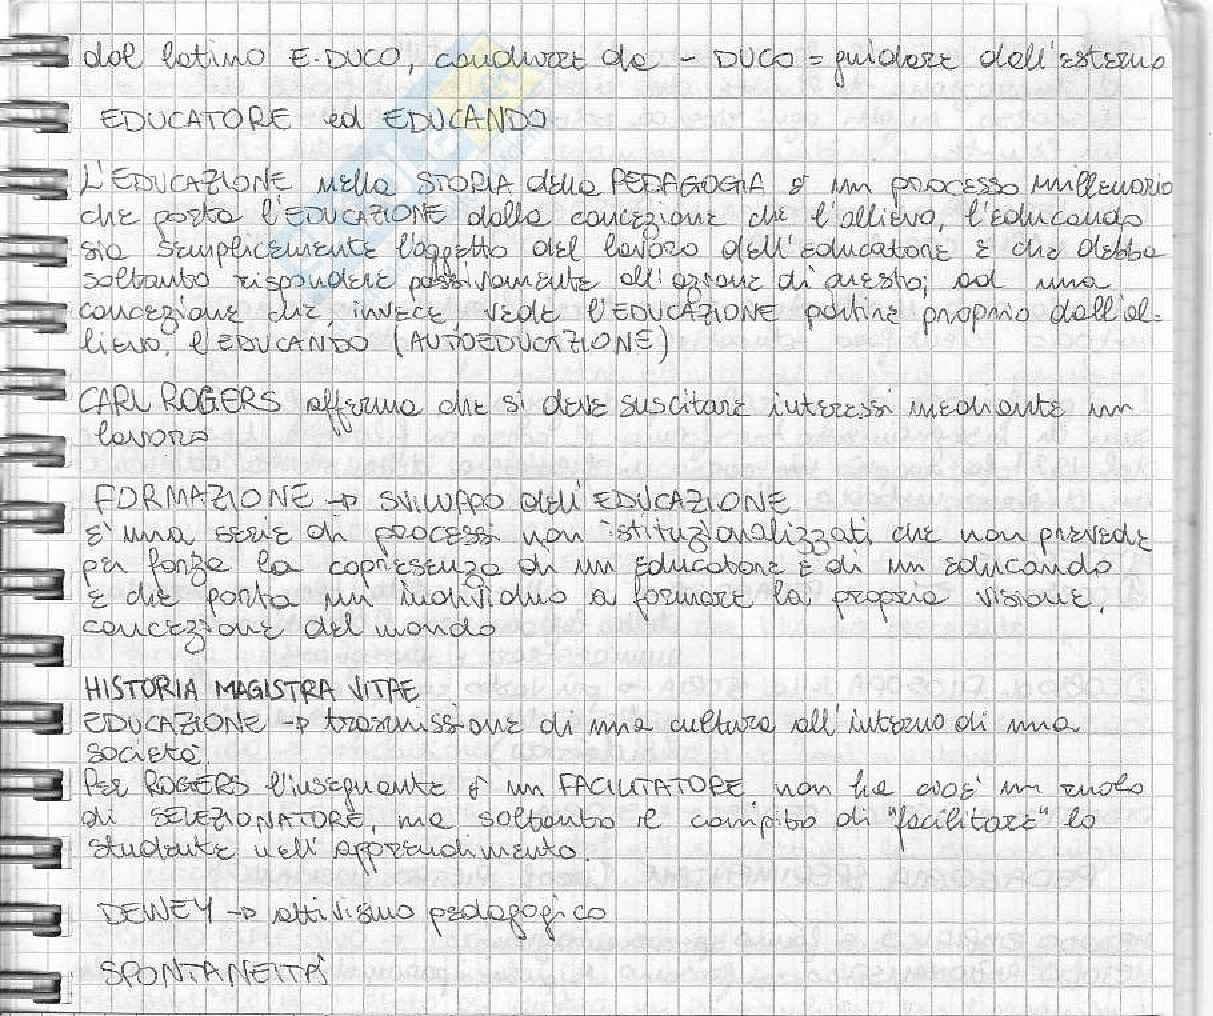 Storia della pedagogia dal 1700 a oggi Pag. 2